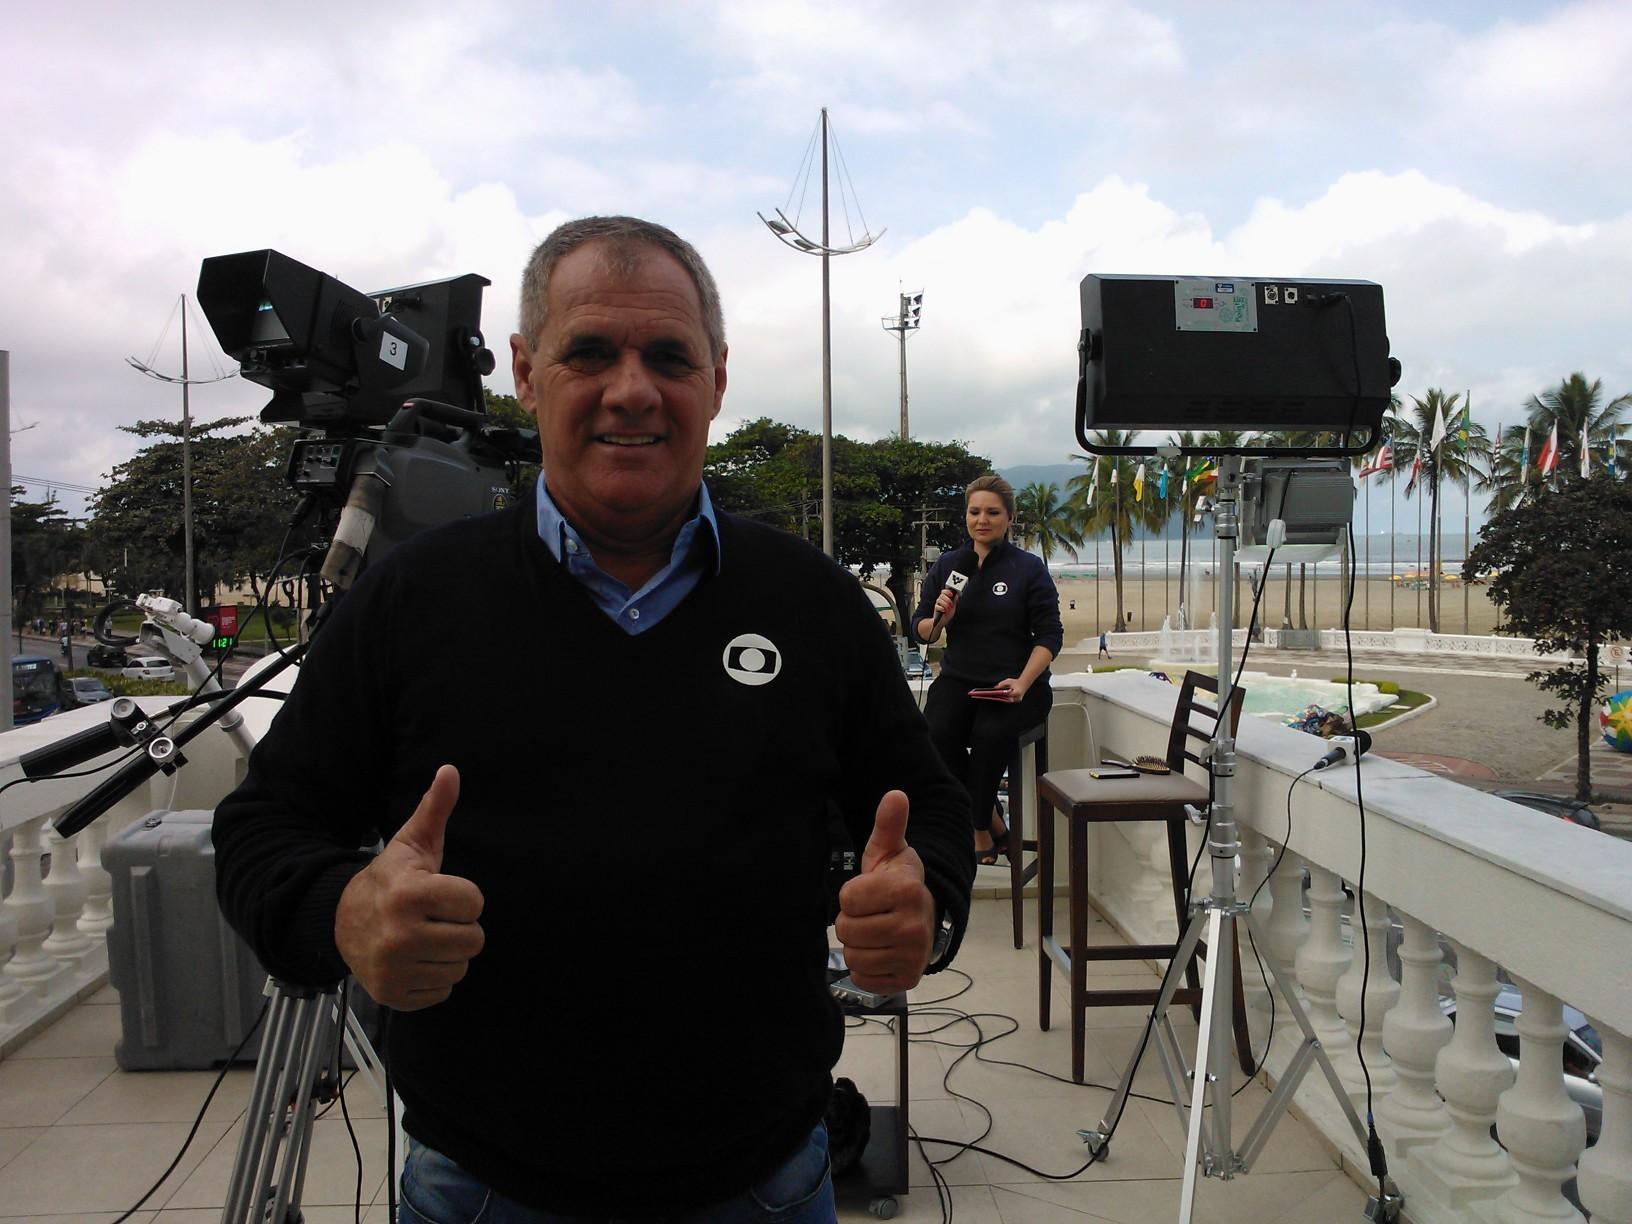 Rui de Rosis daqui a pouco no Tribuna Esporte (Foto: Priscila Martinez)